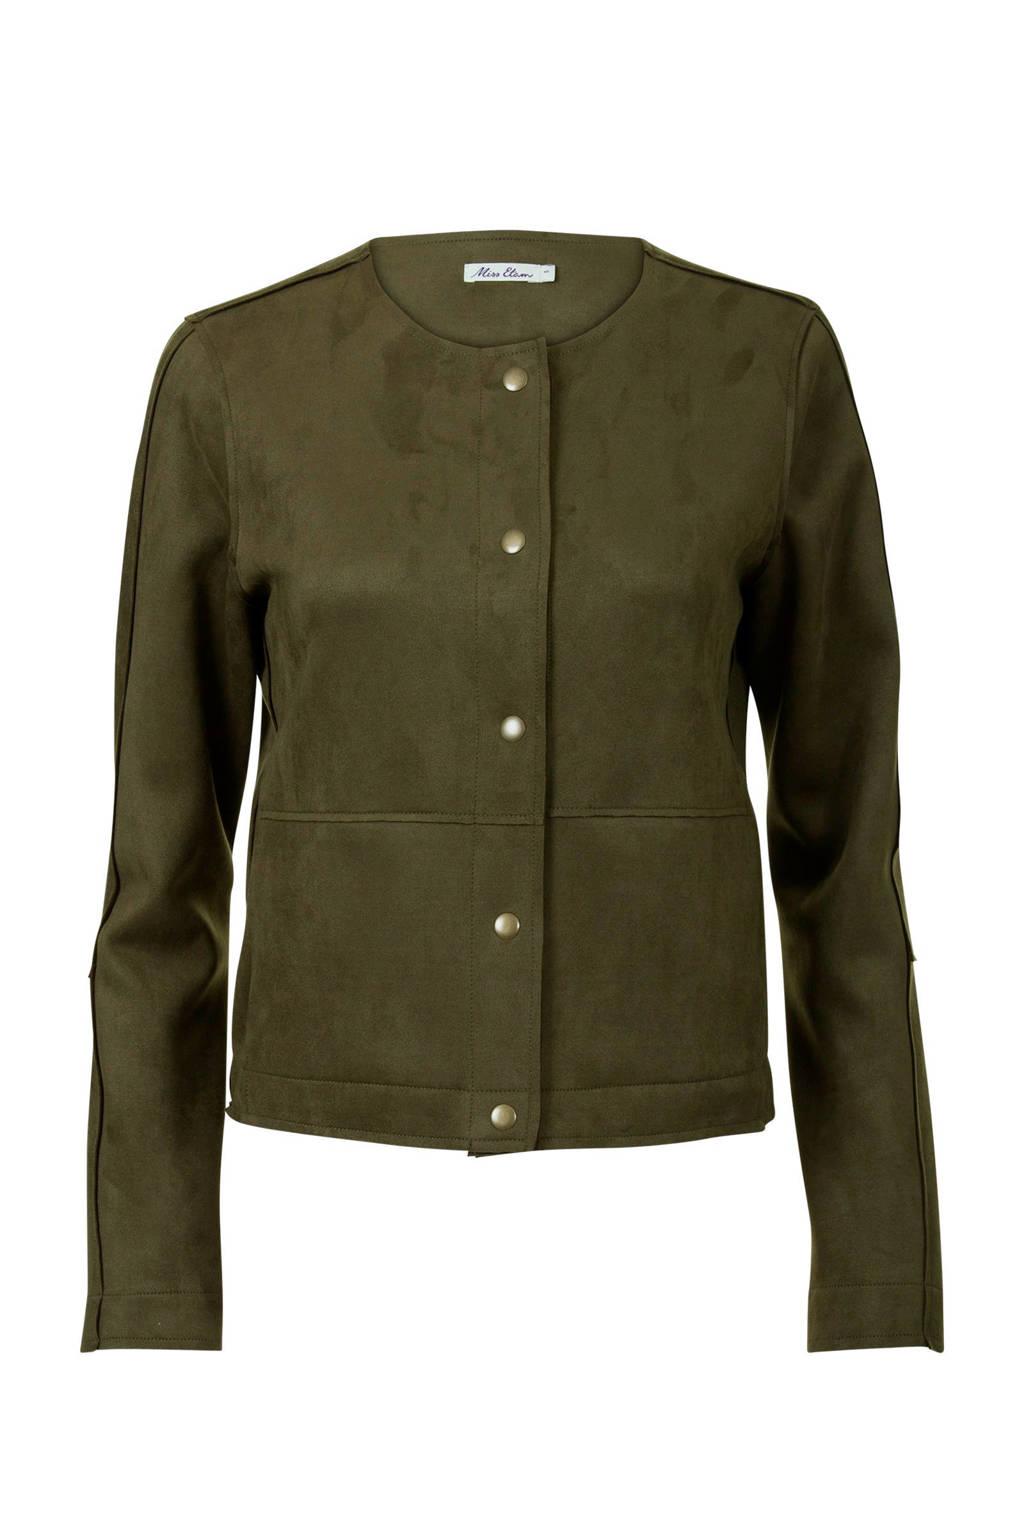 Miss Etam Regulier imitatiesuède jasje groen, Groen